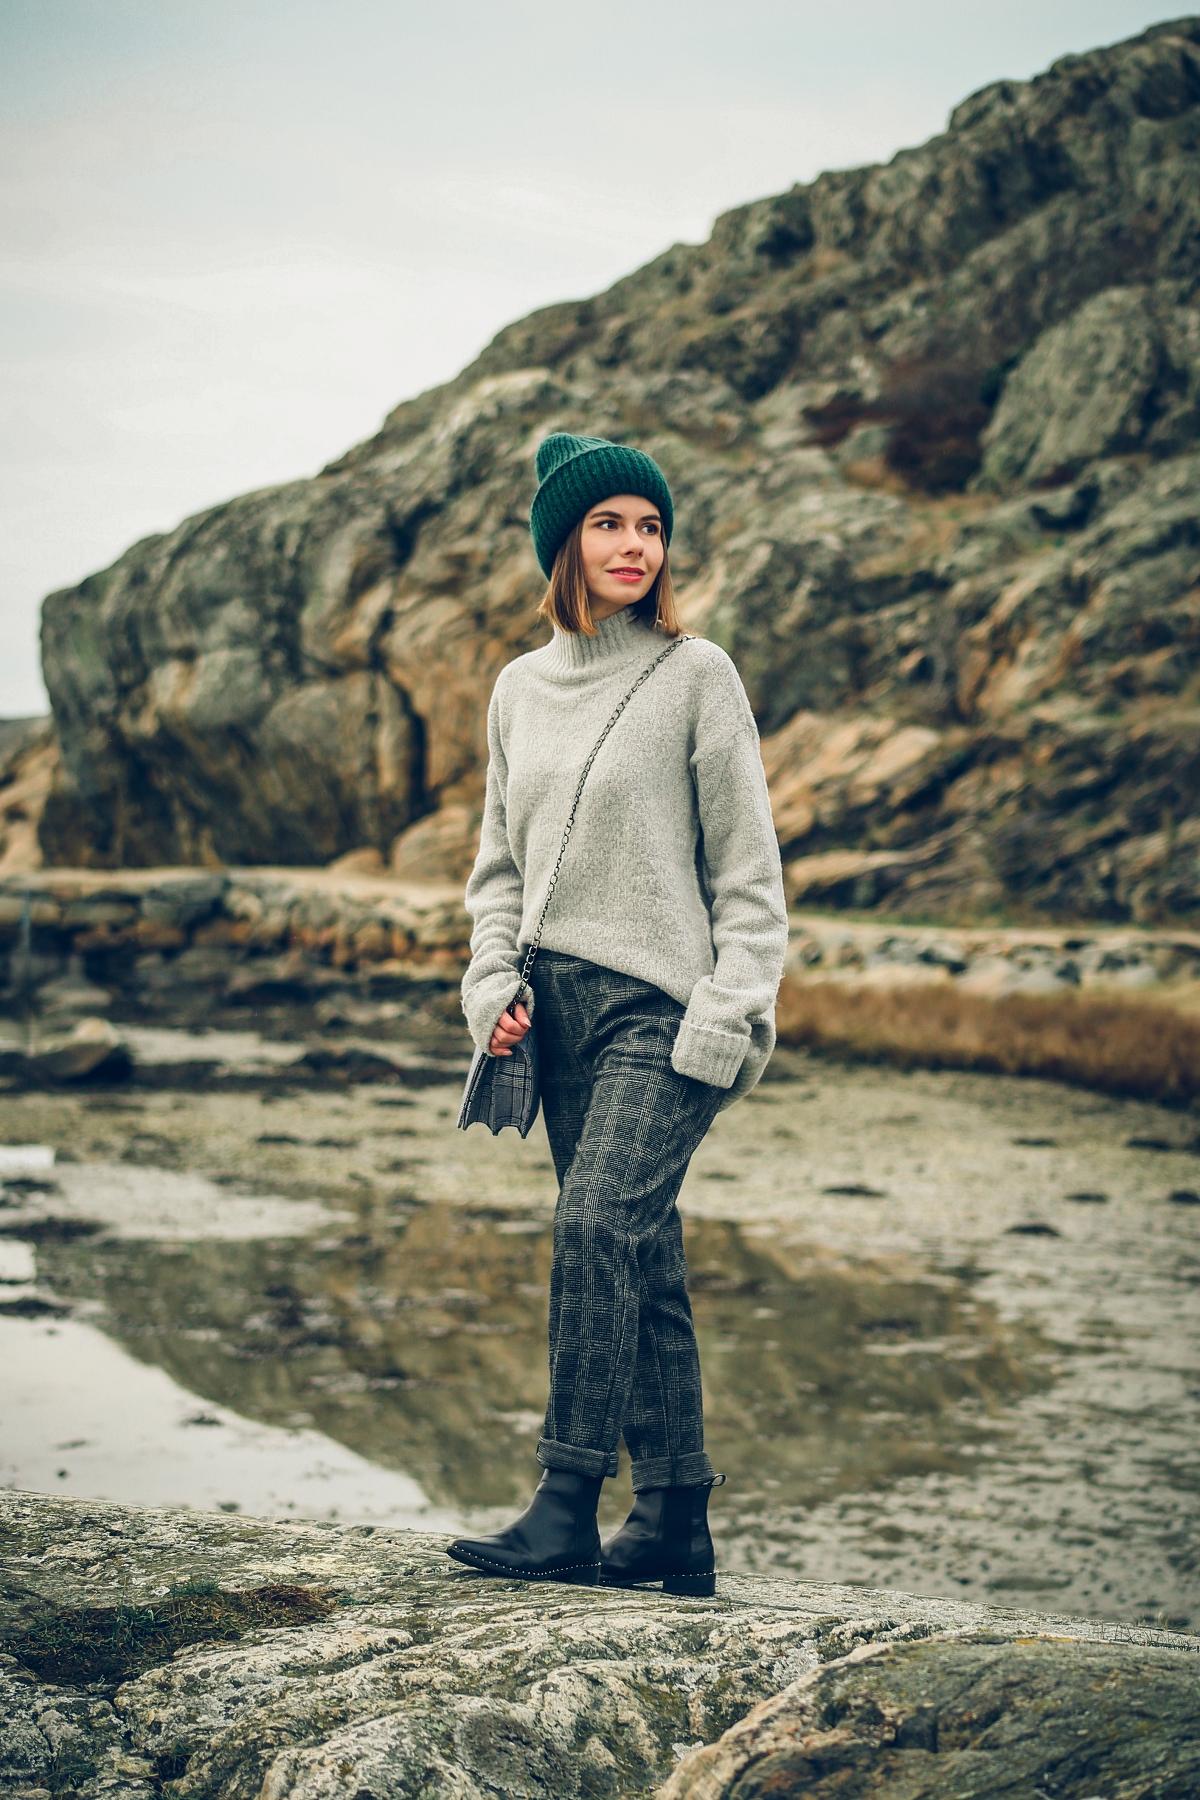 skandynawski look spodnie w kratę szary sweter zielona czapka